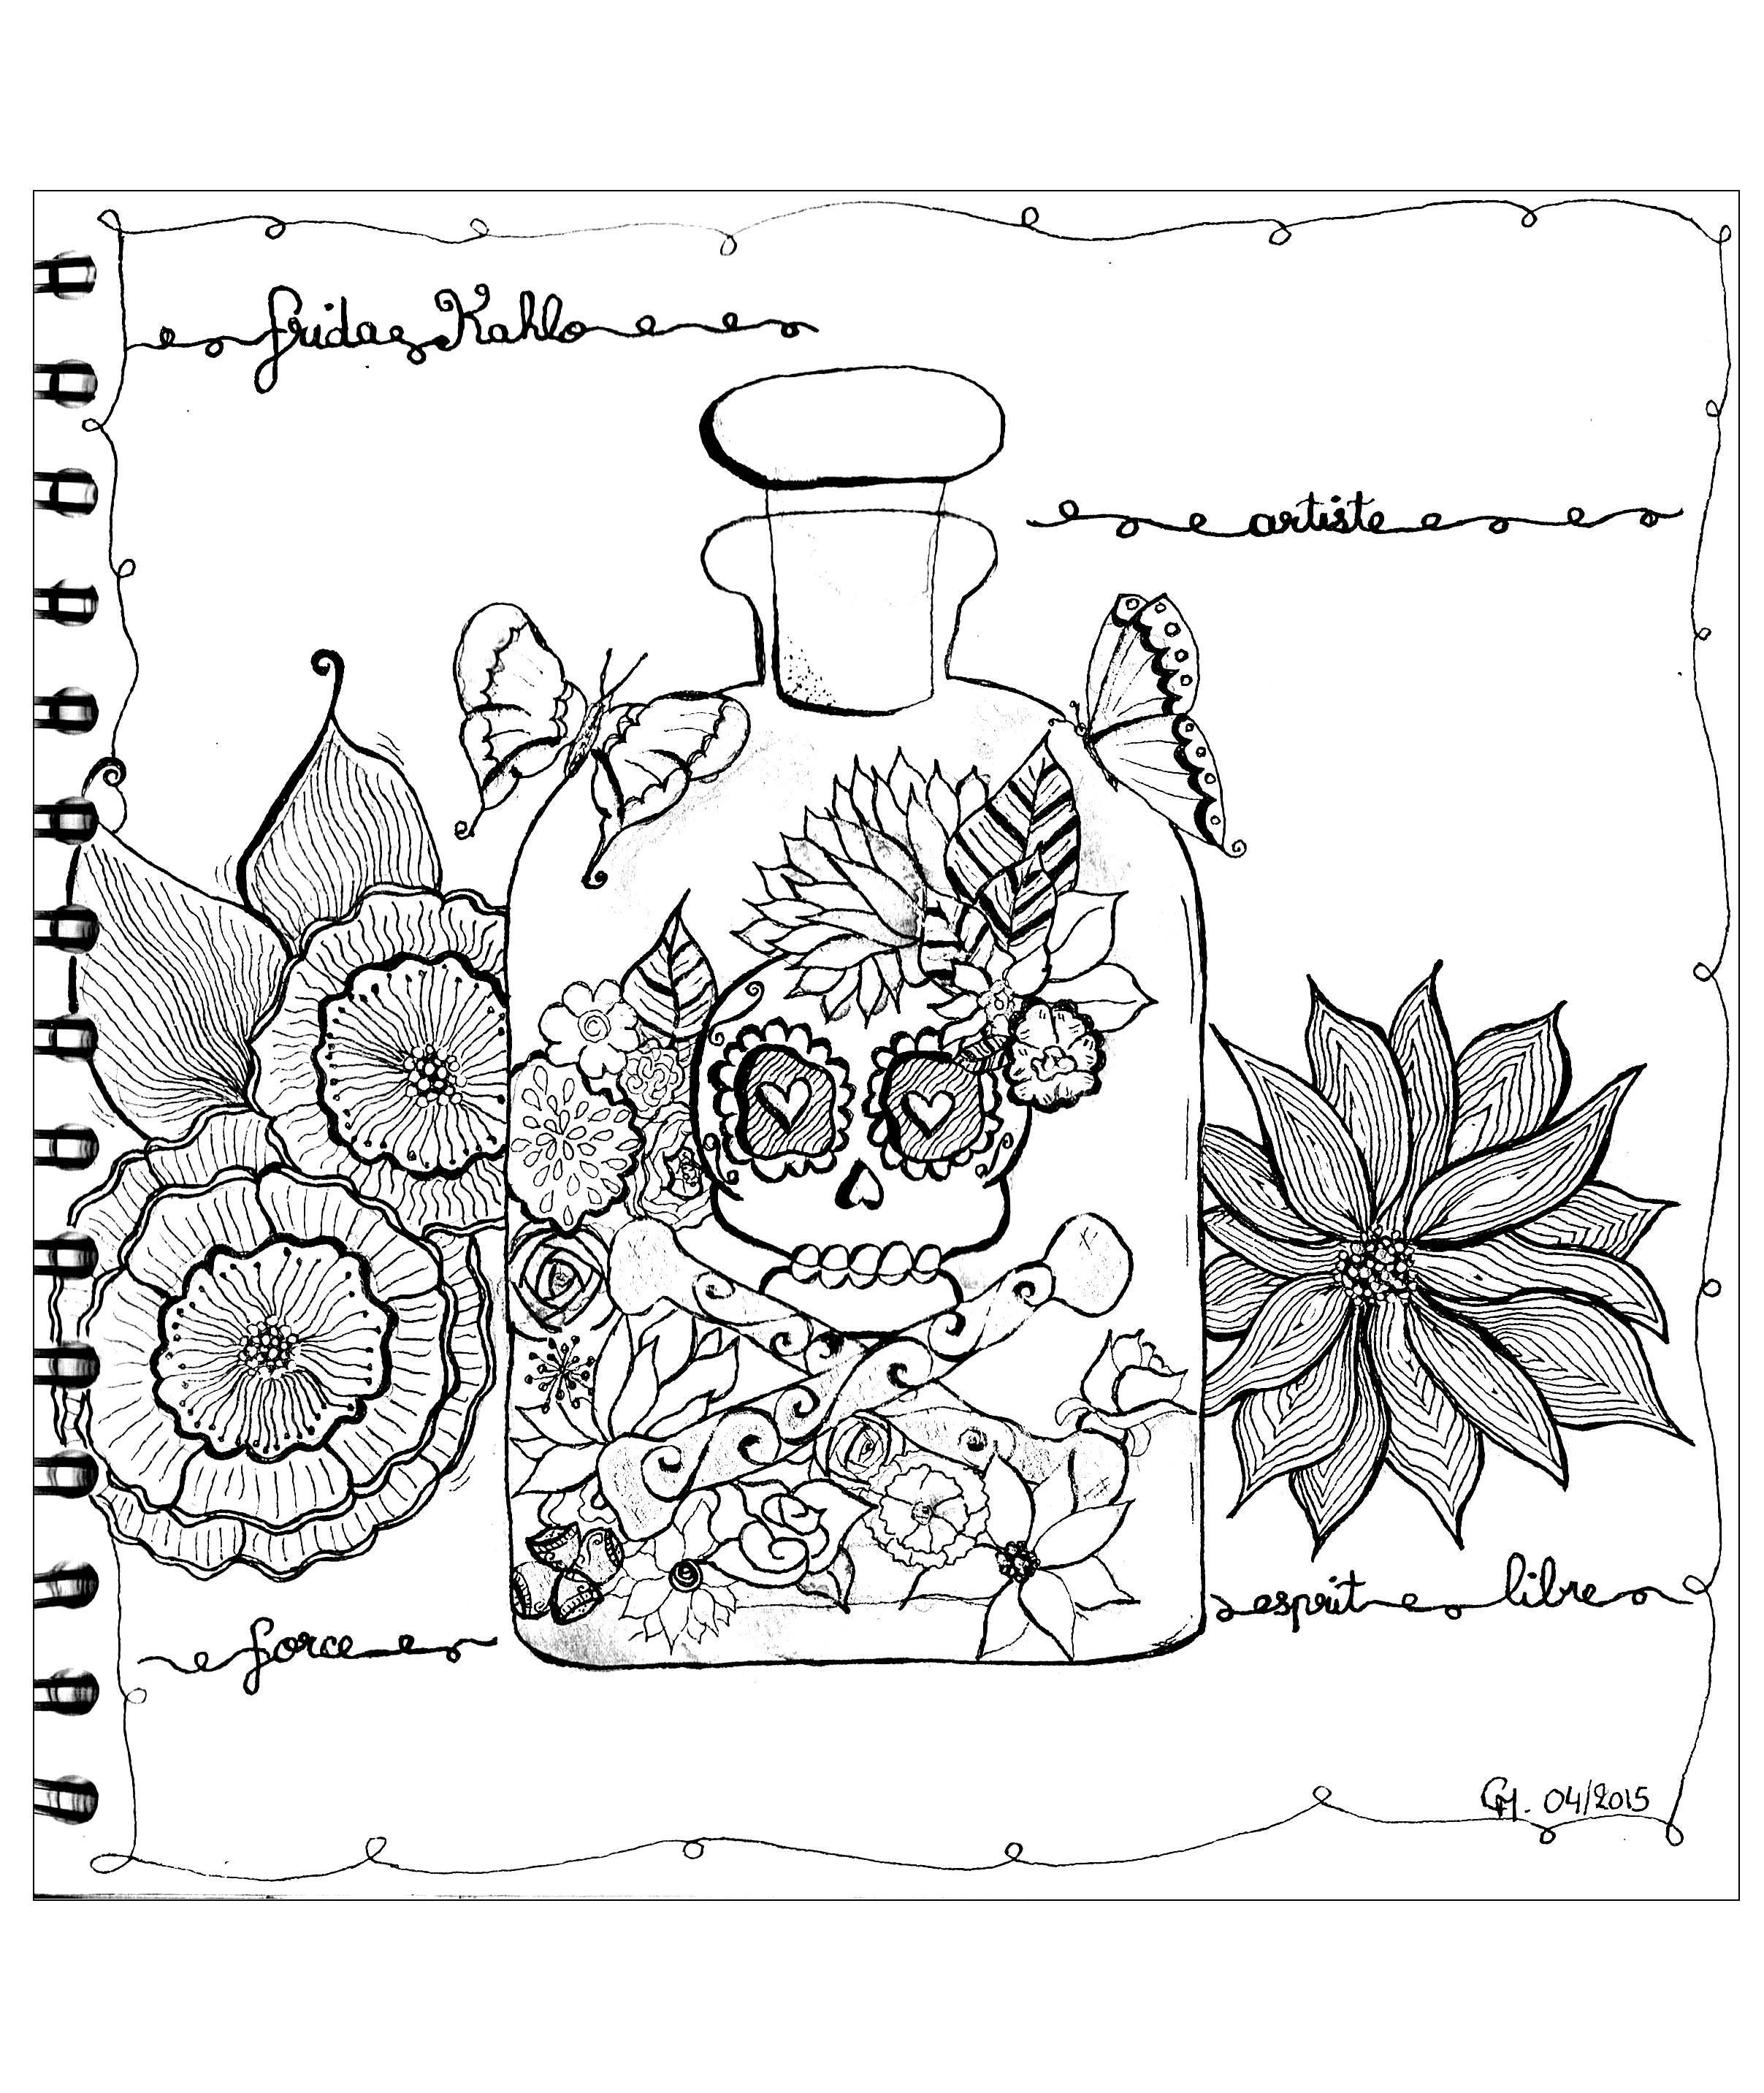 'Hommage à Frida Khalo', coloriage original  Voir l'oeuvre originale